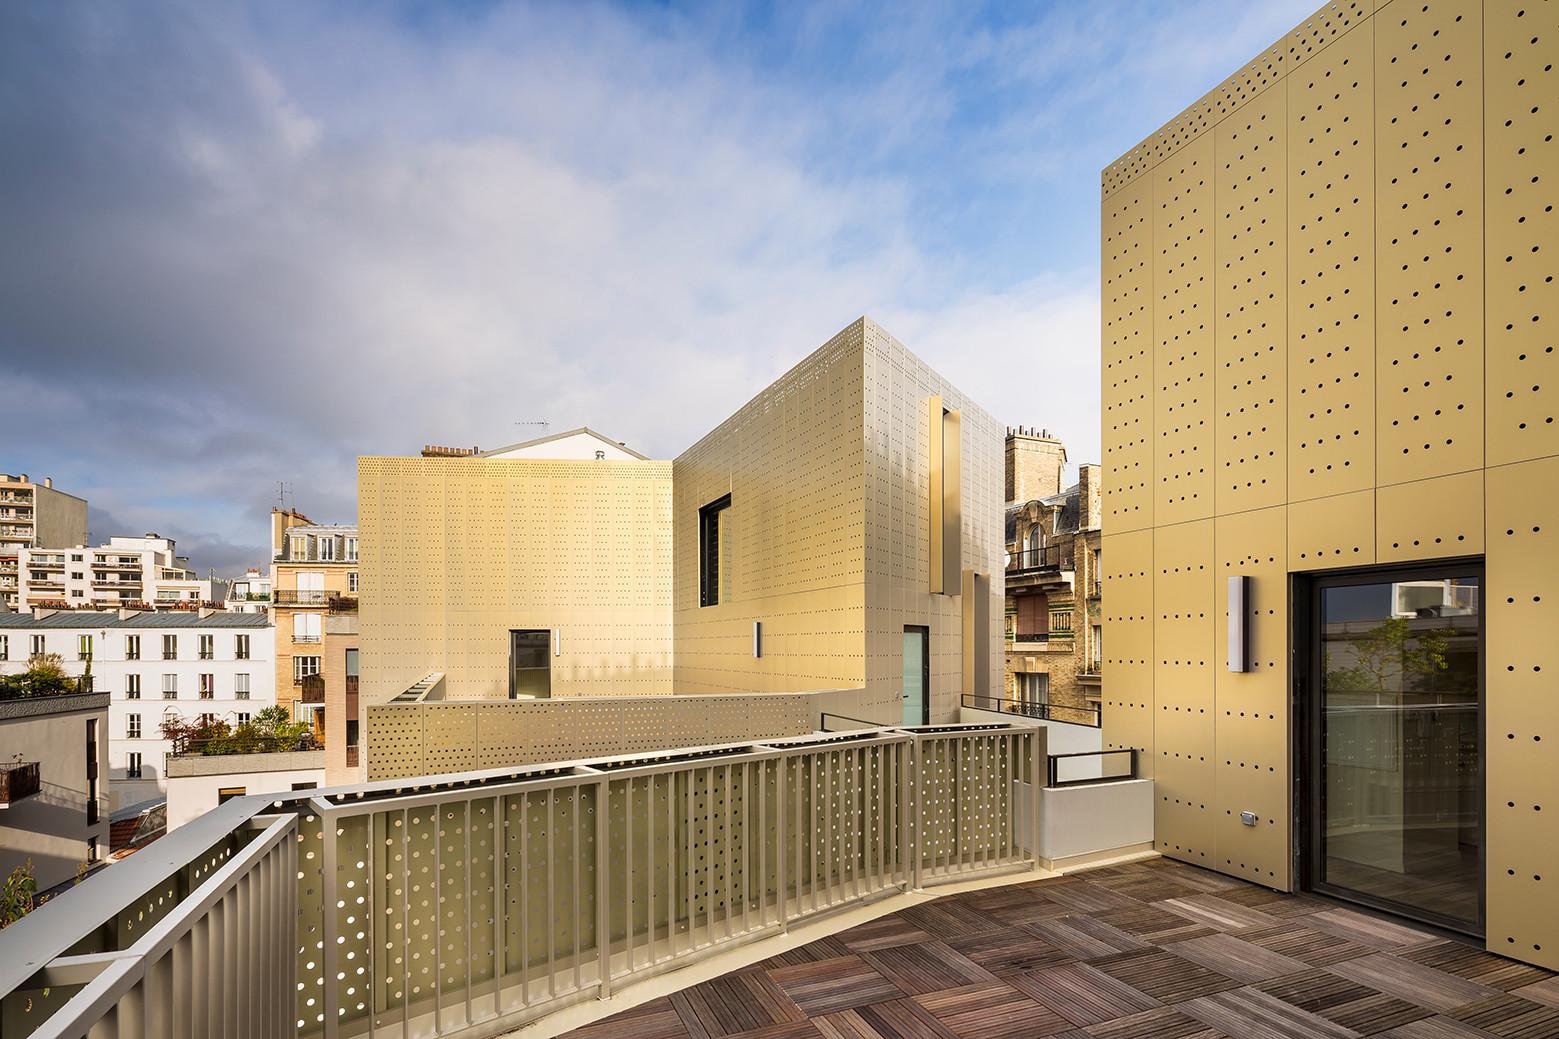 Passage de melun ga tan le penhuel architecture archdaily for Le architecte